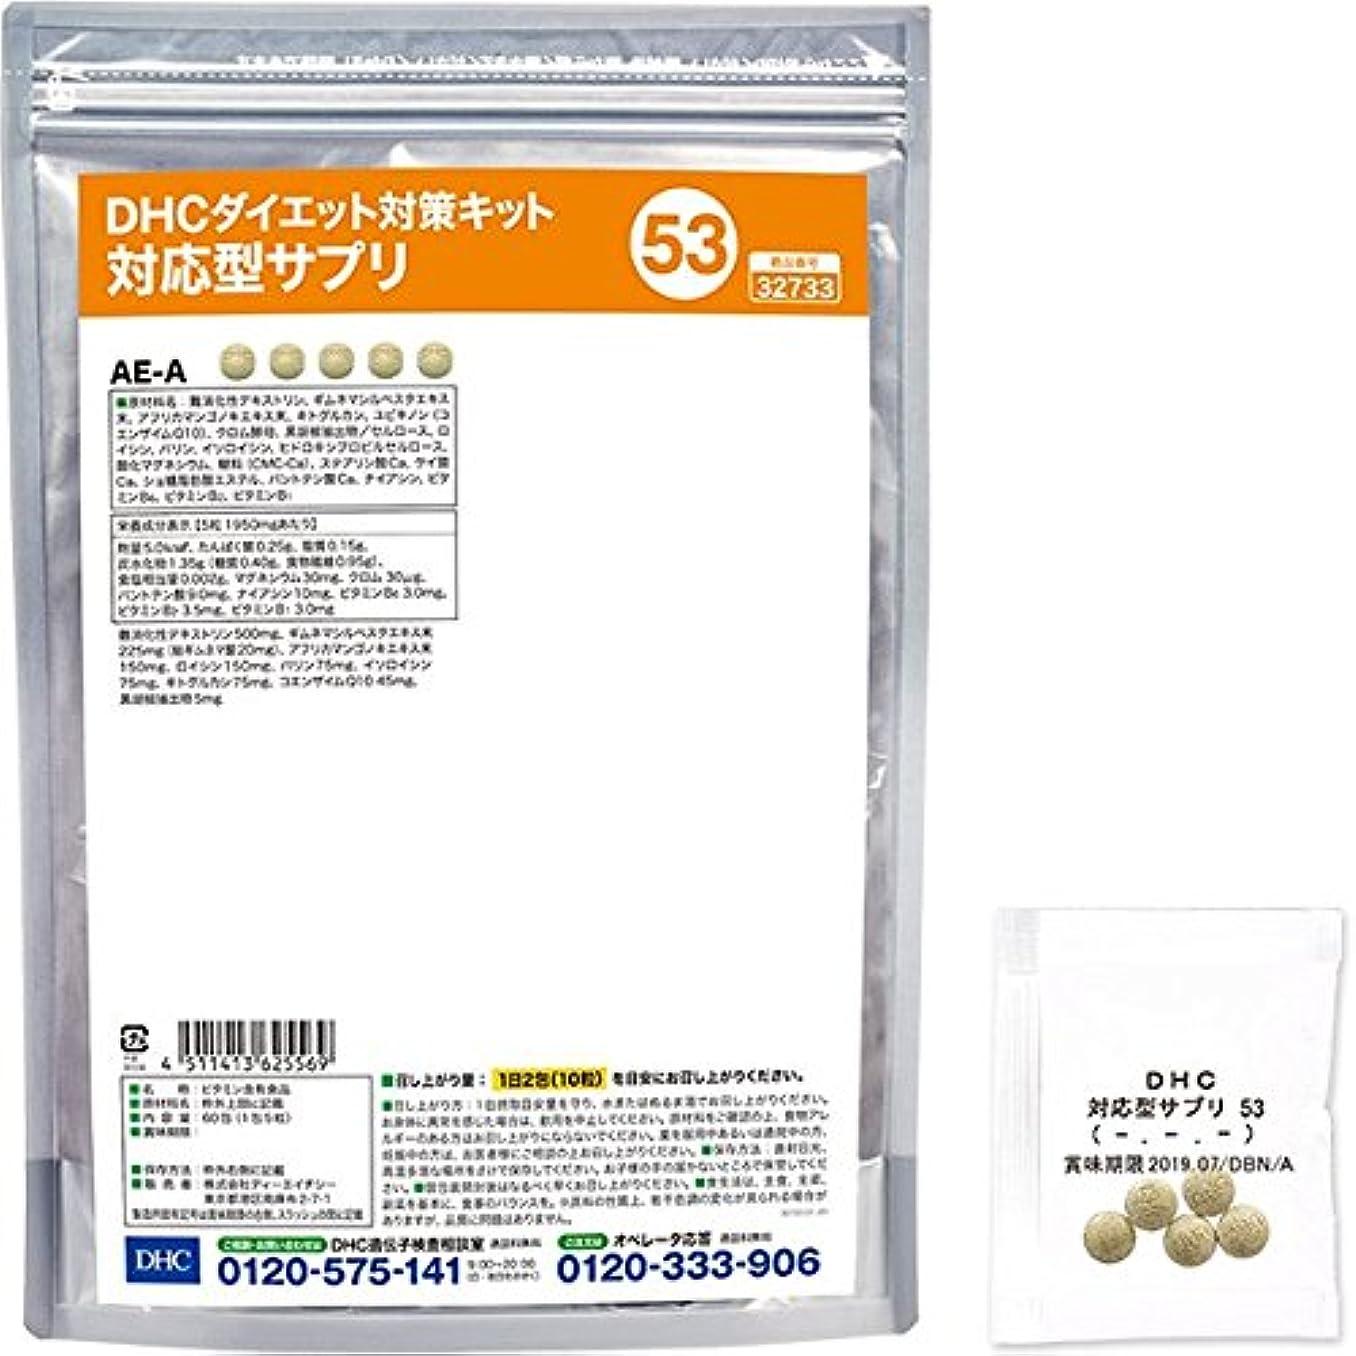 パールカビ作家DHCダイエット対策キット対応型サプリ53